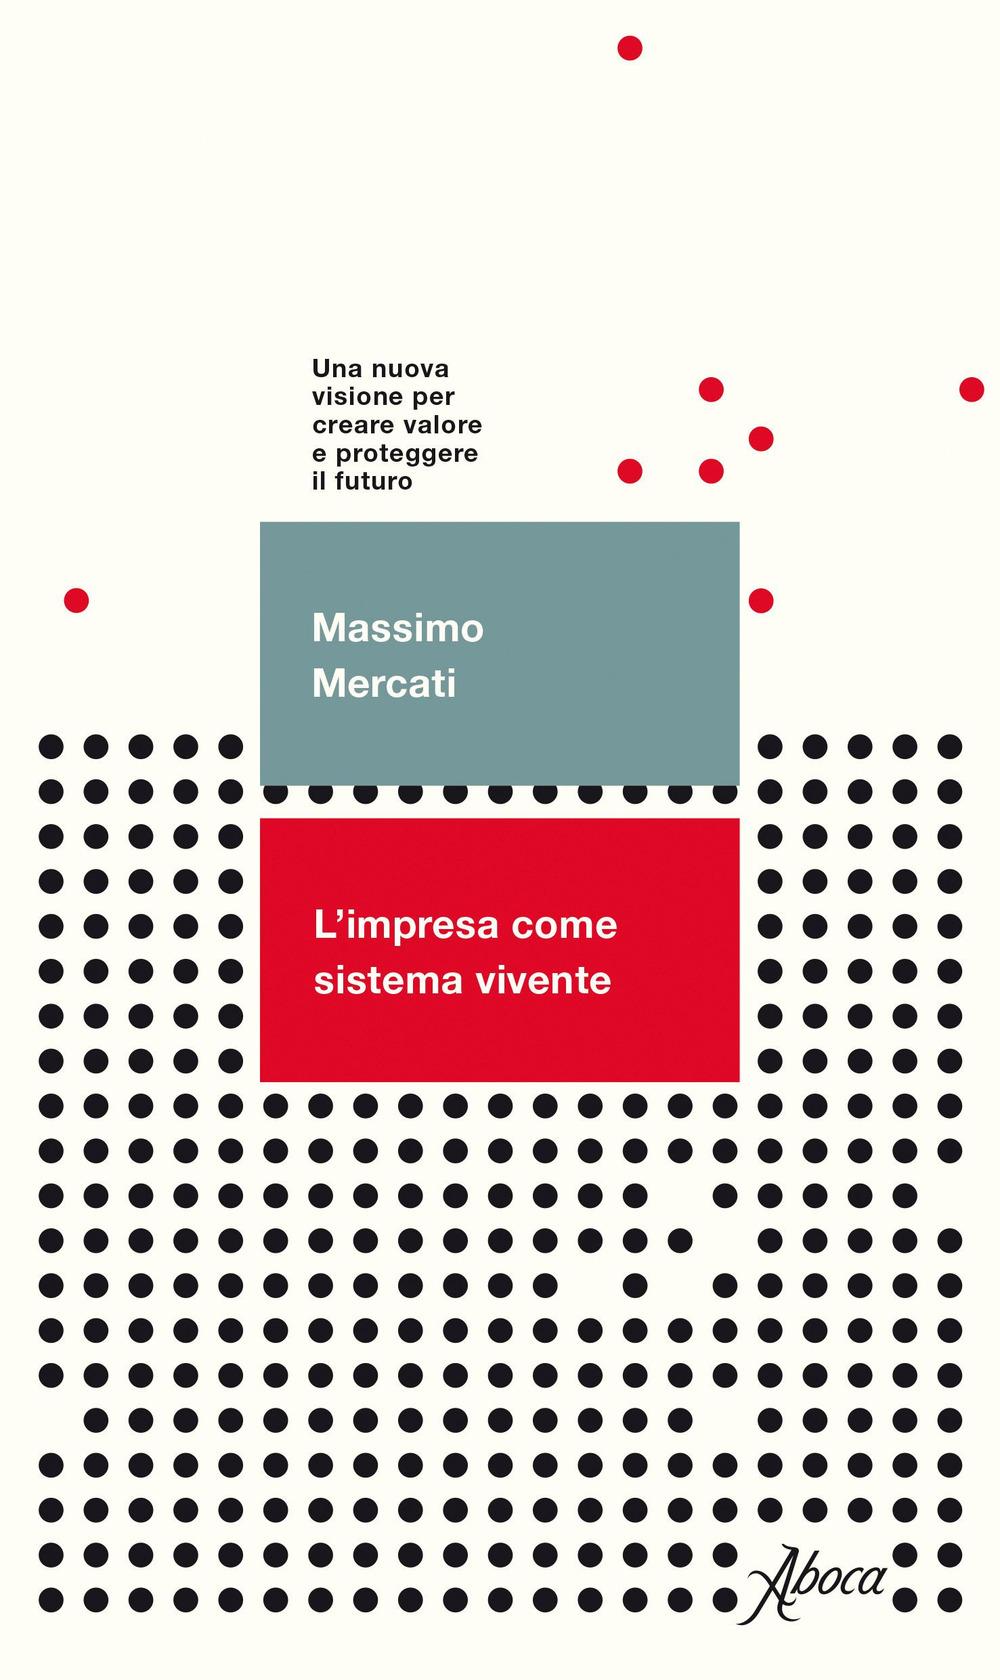 IMPRESA COME SISTEMA VIVENTE. UNA NUOVA VISIONE PER CREARE VALORE E PROTEGGERE IL FUTURO (L') - Mercati Massimo - 9788898881901